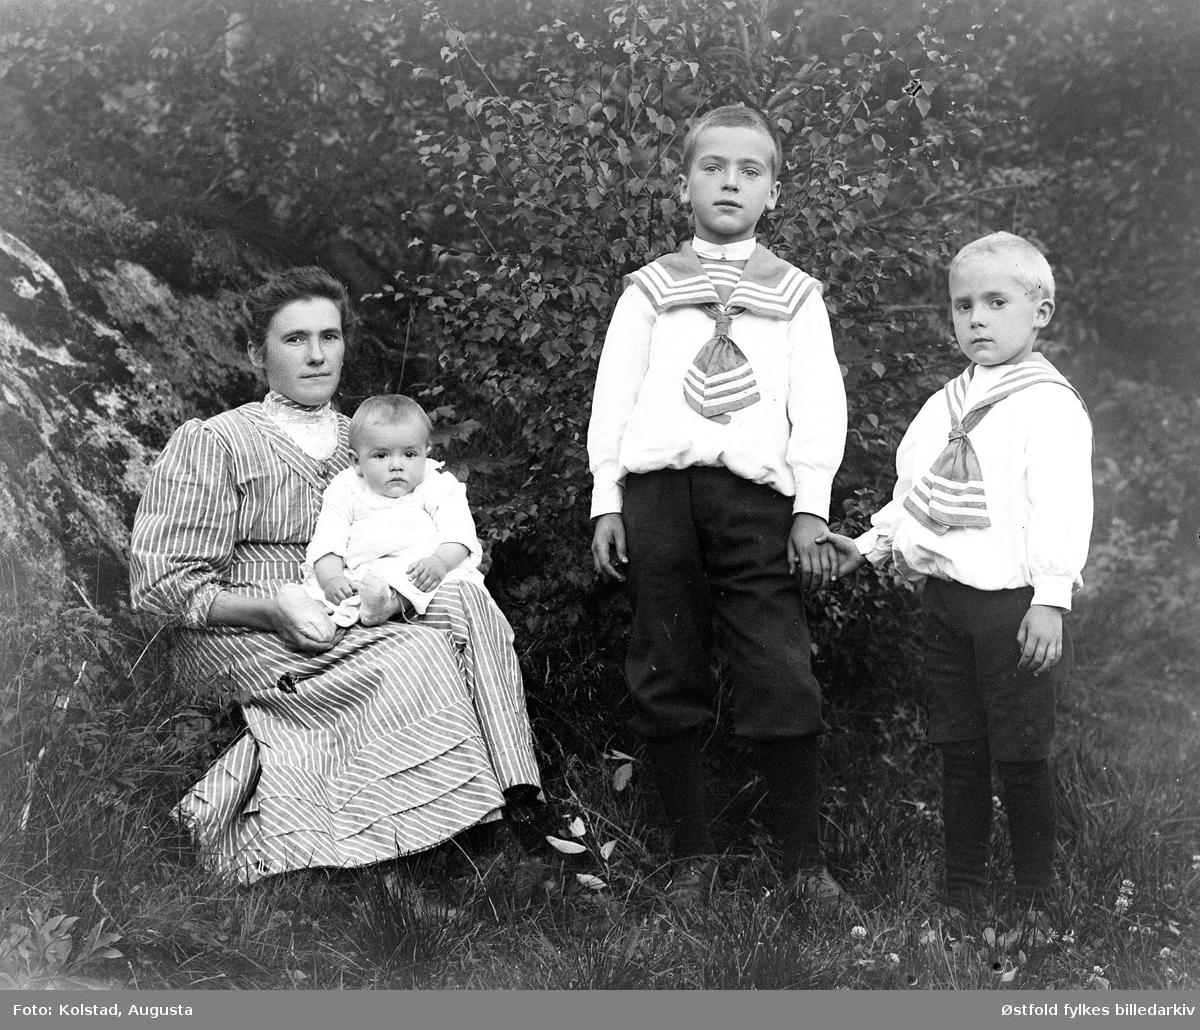 Gruppeportrett av mor med tre barn. Ukjente.